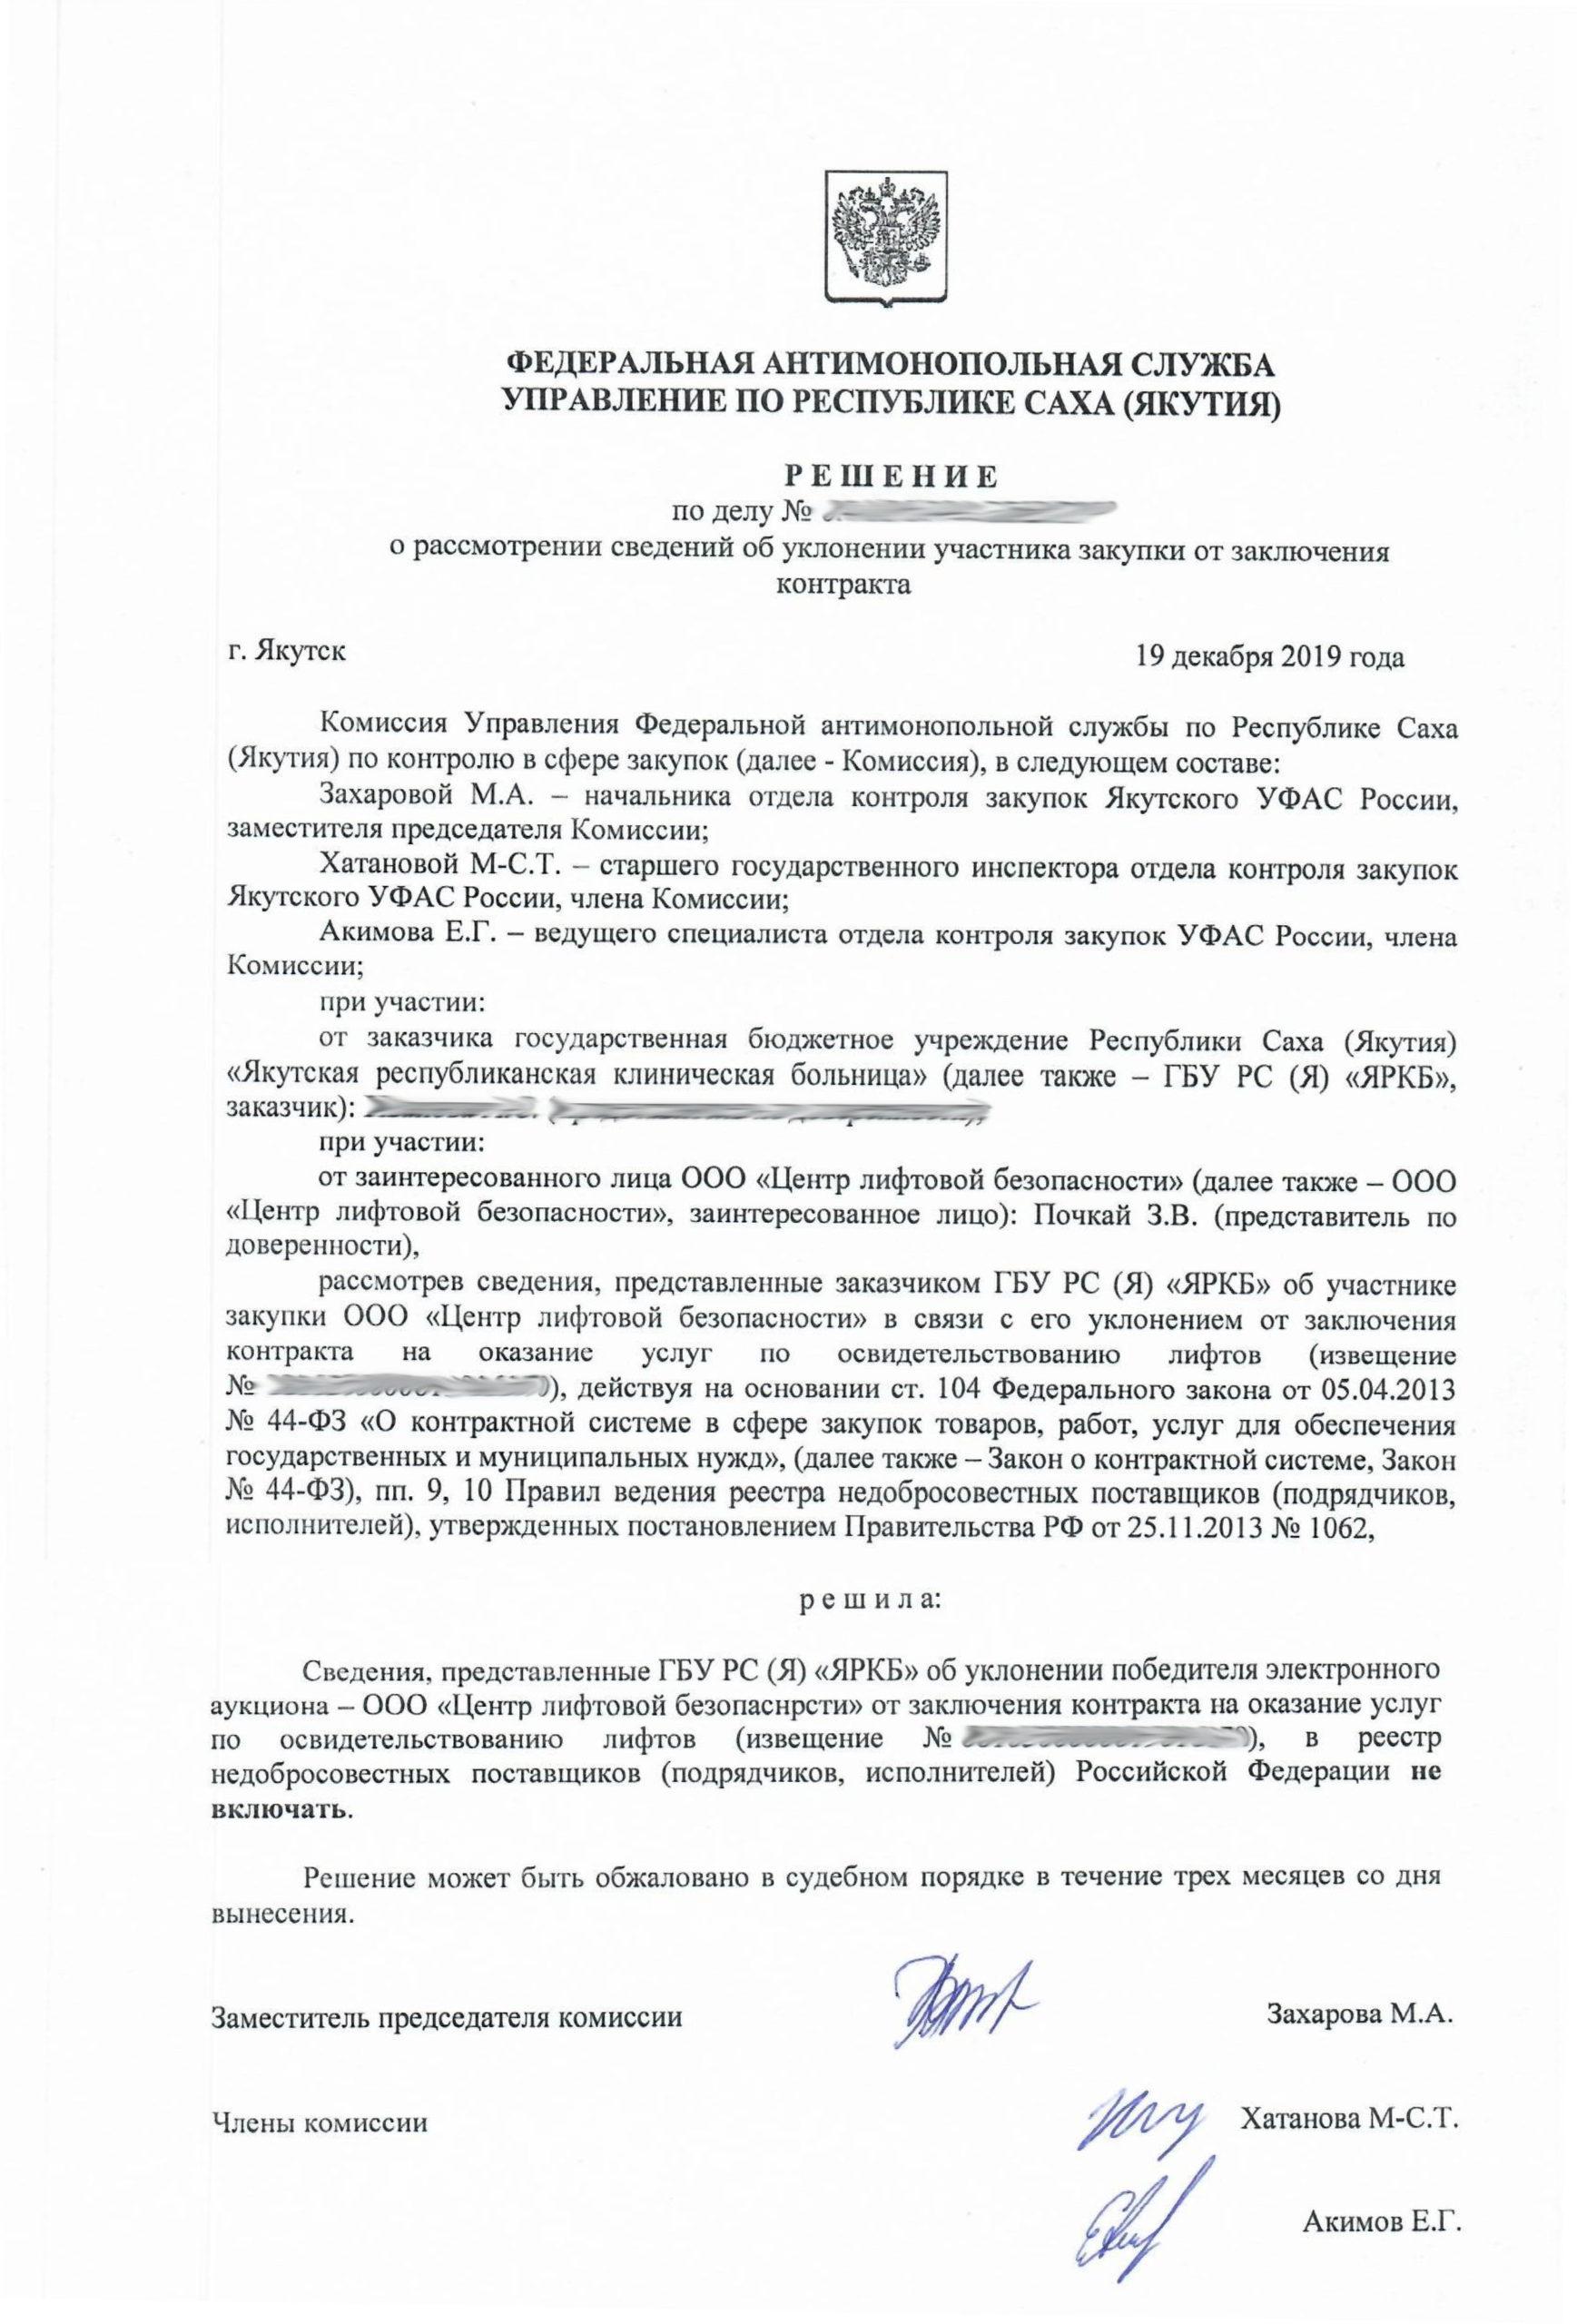 УФАС по Республике САХА Центр лифтовой безопасности решение